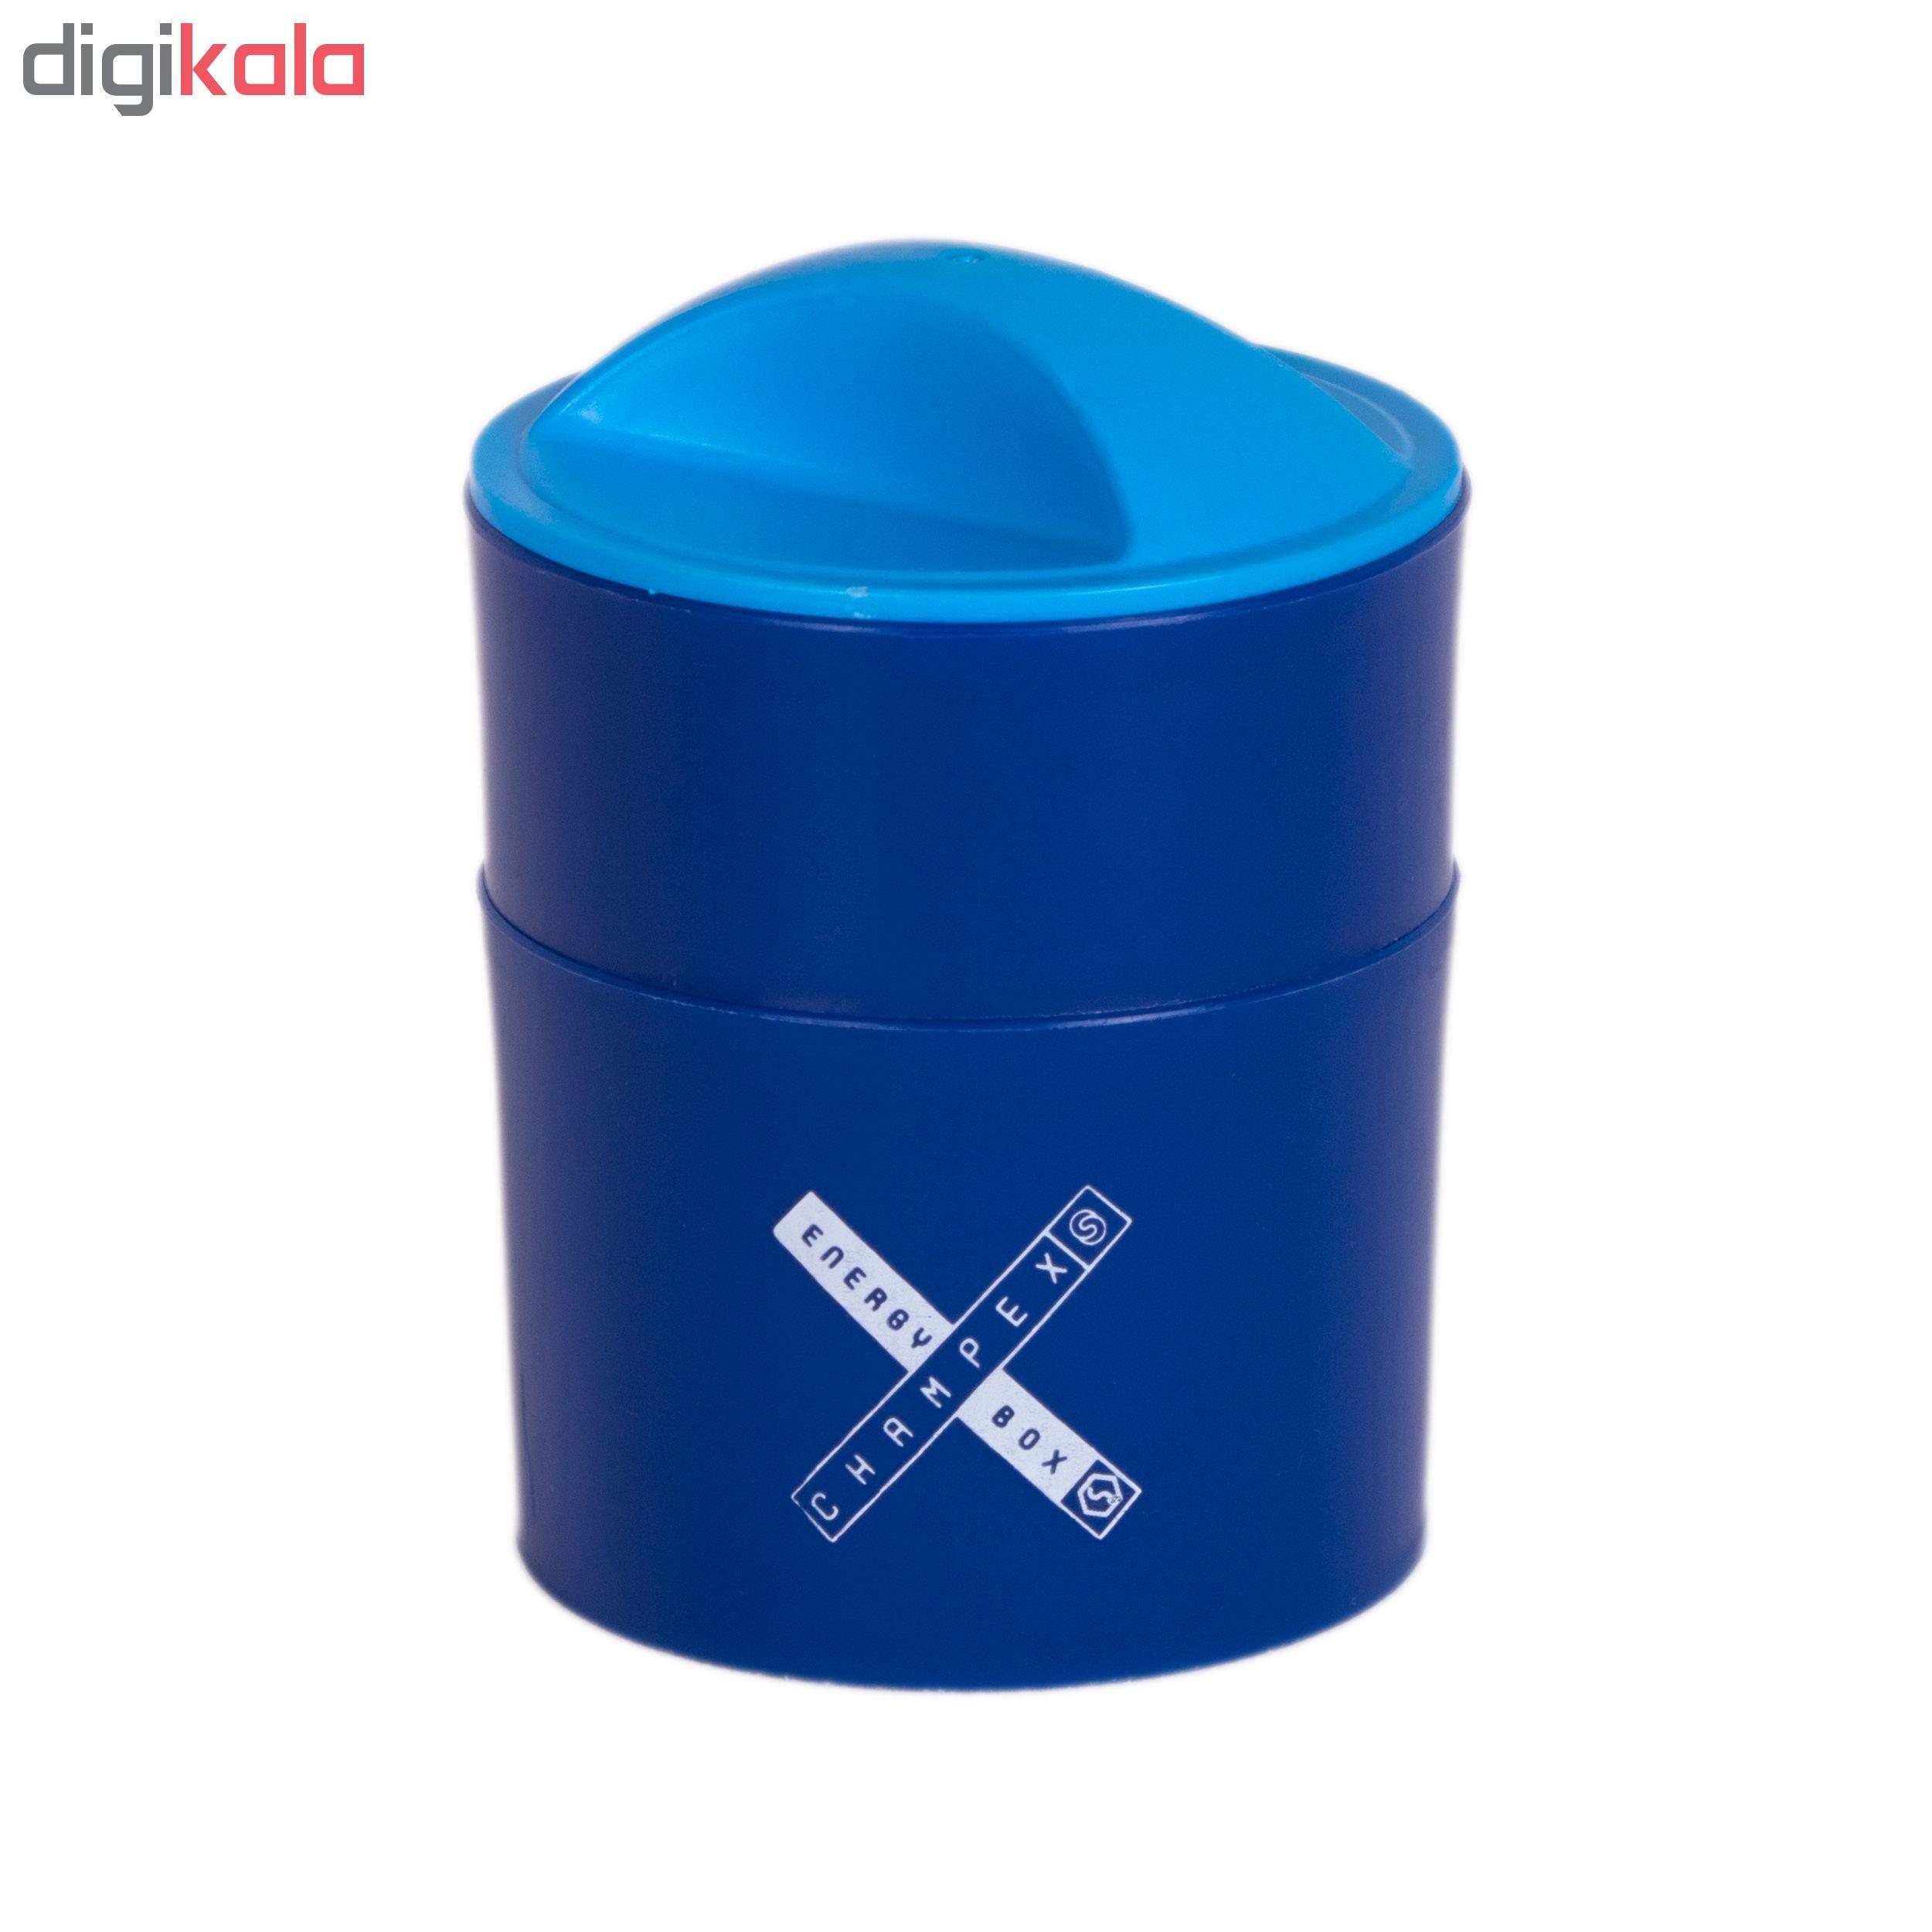 جعبه نگهدارنده دارو چمپکس مدل Energy Box main 1 2